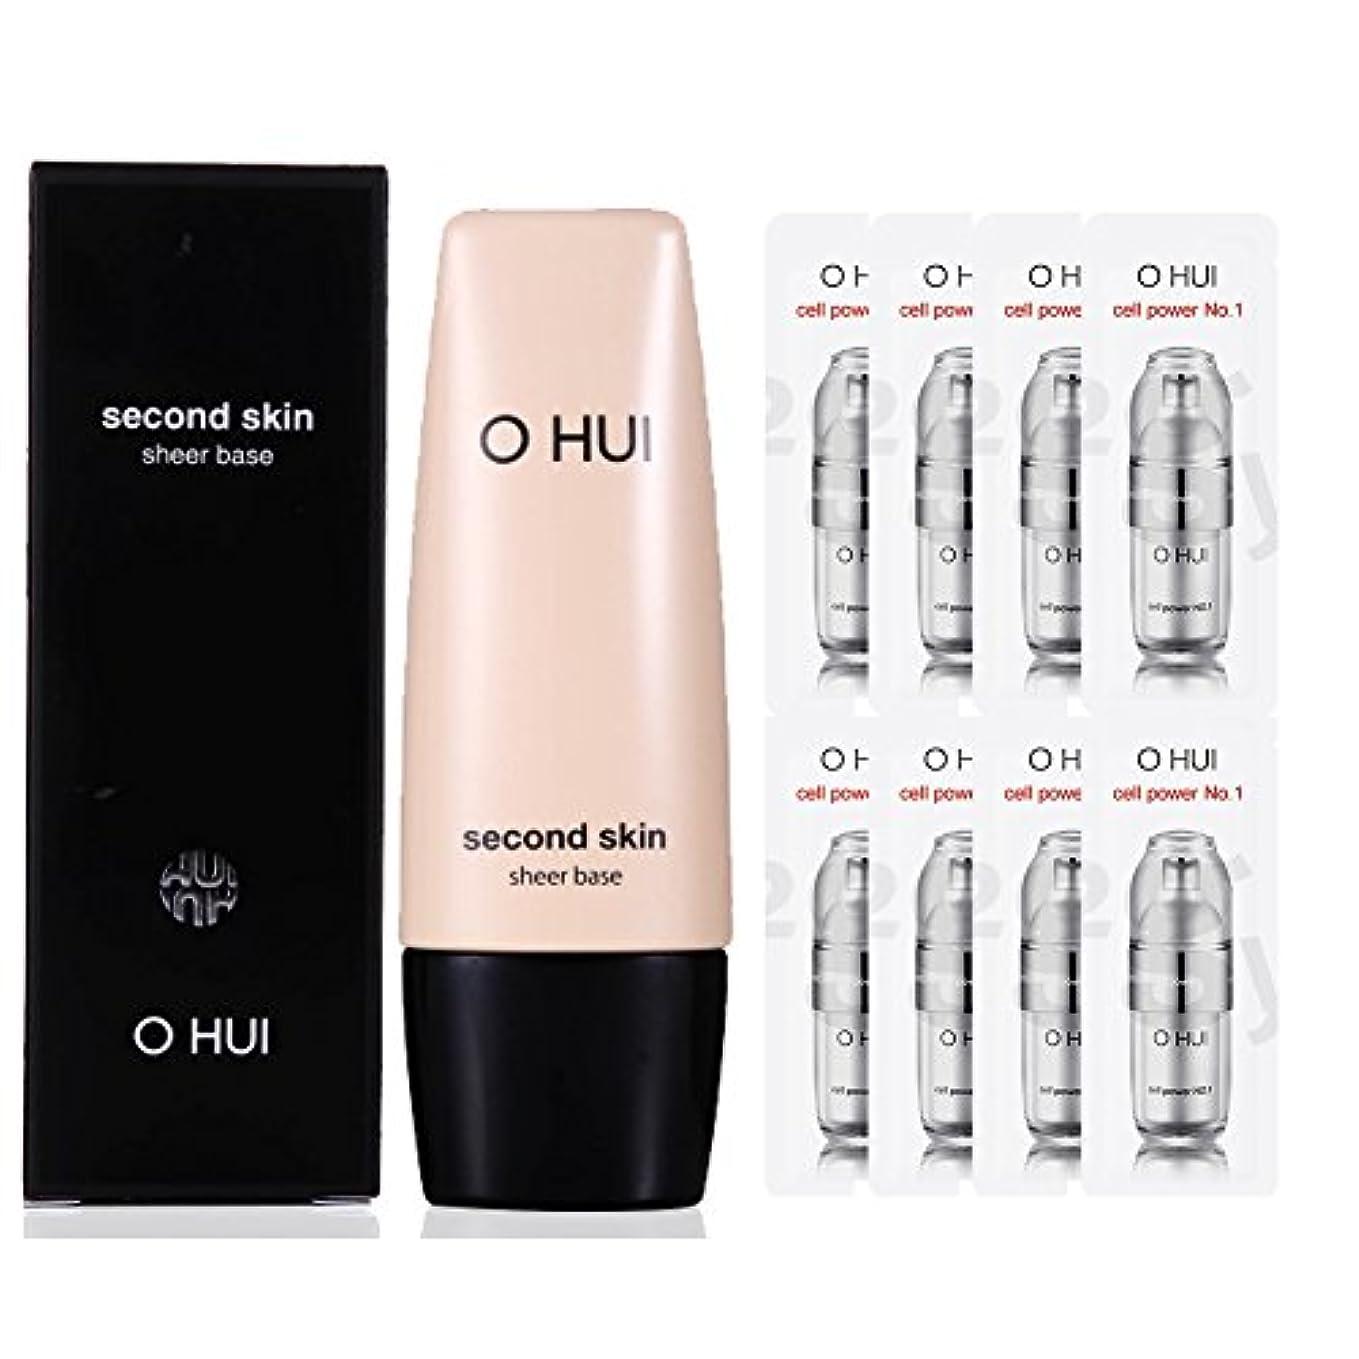 キャンセル規模慢OHUI/オフィセカンドスキン シアーベース + 特別の構成 (OHUI SECOND SKIN SHEER BASE Makeup Base +Special Gift set)]【スポットセール】[海外直送品]